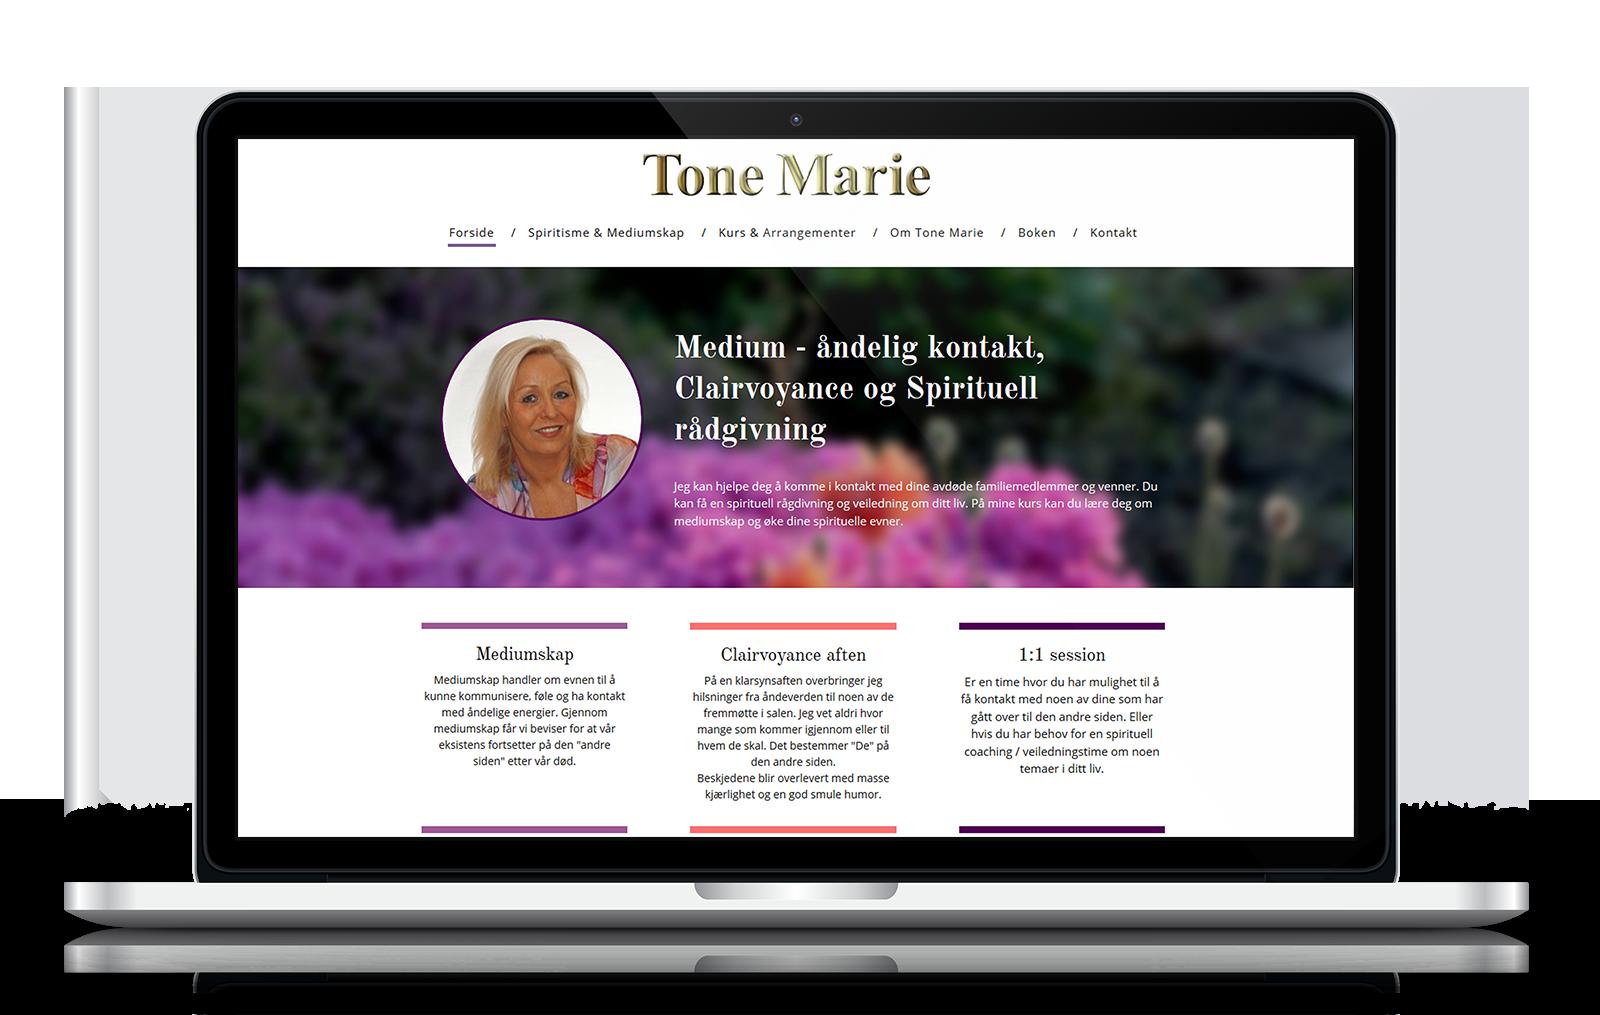 Webdesignet for ToneMaries hjemmeside tog udgangspunkt et smukt blomsterbillede